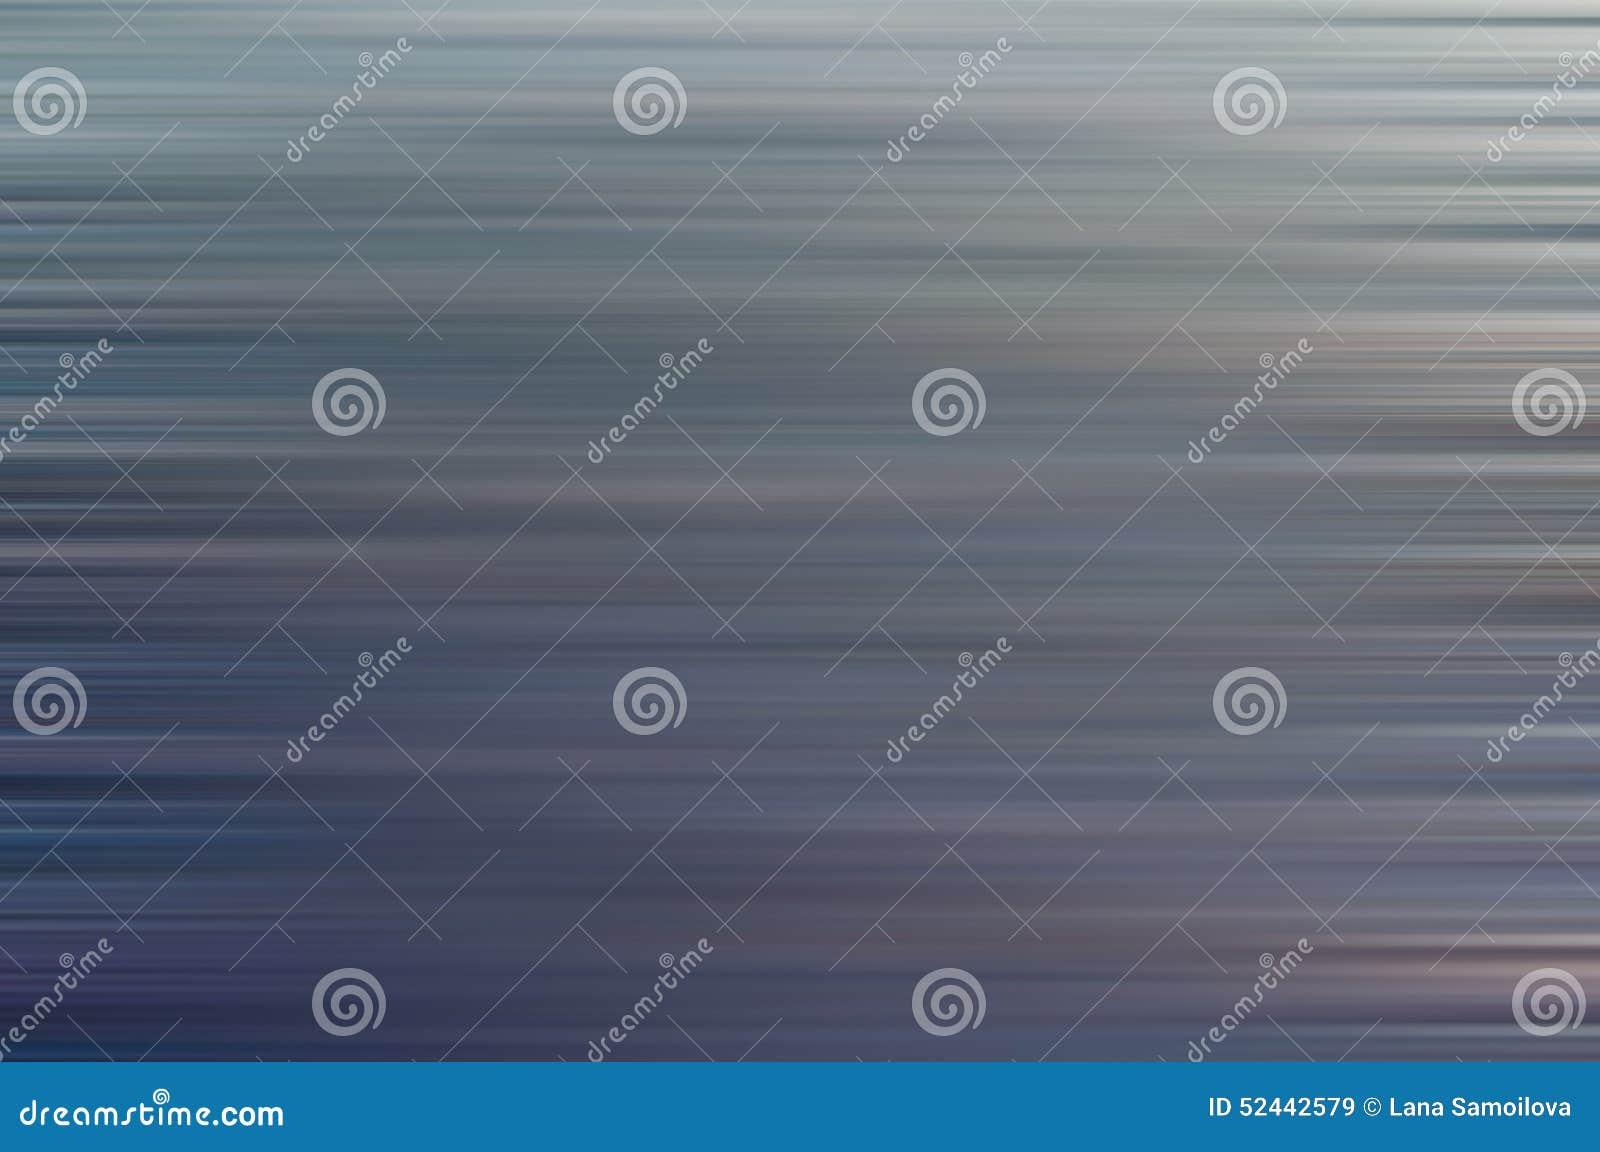 Nog grijze en magenta vage lijnen in horizontale richting